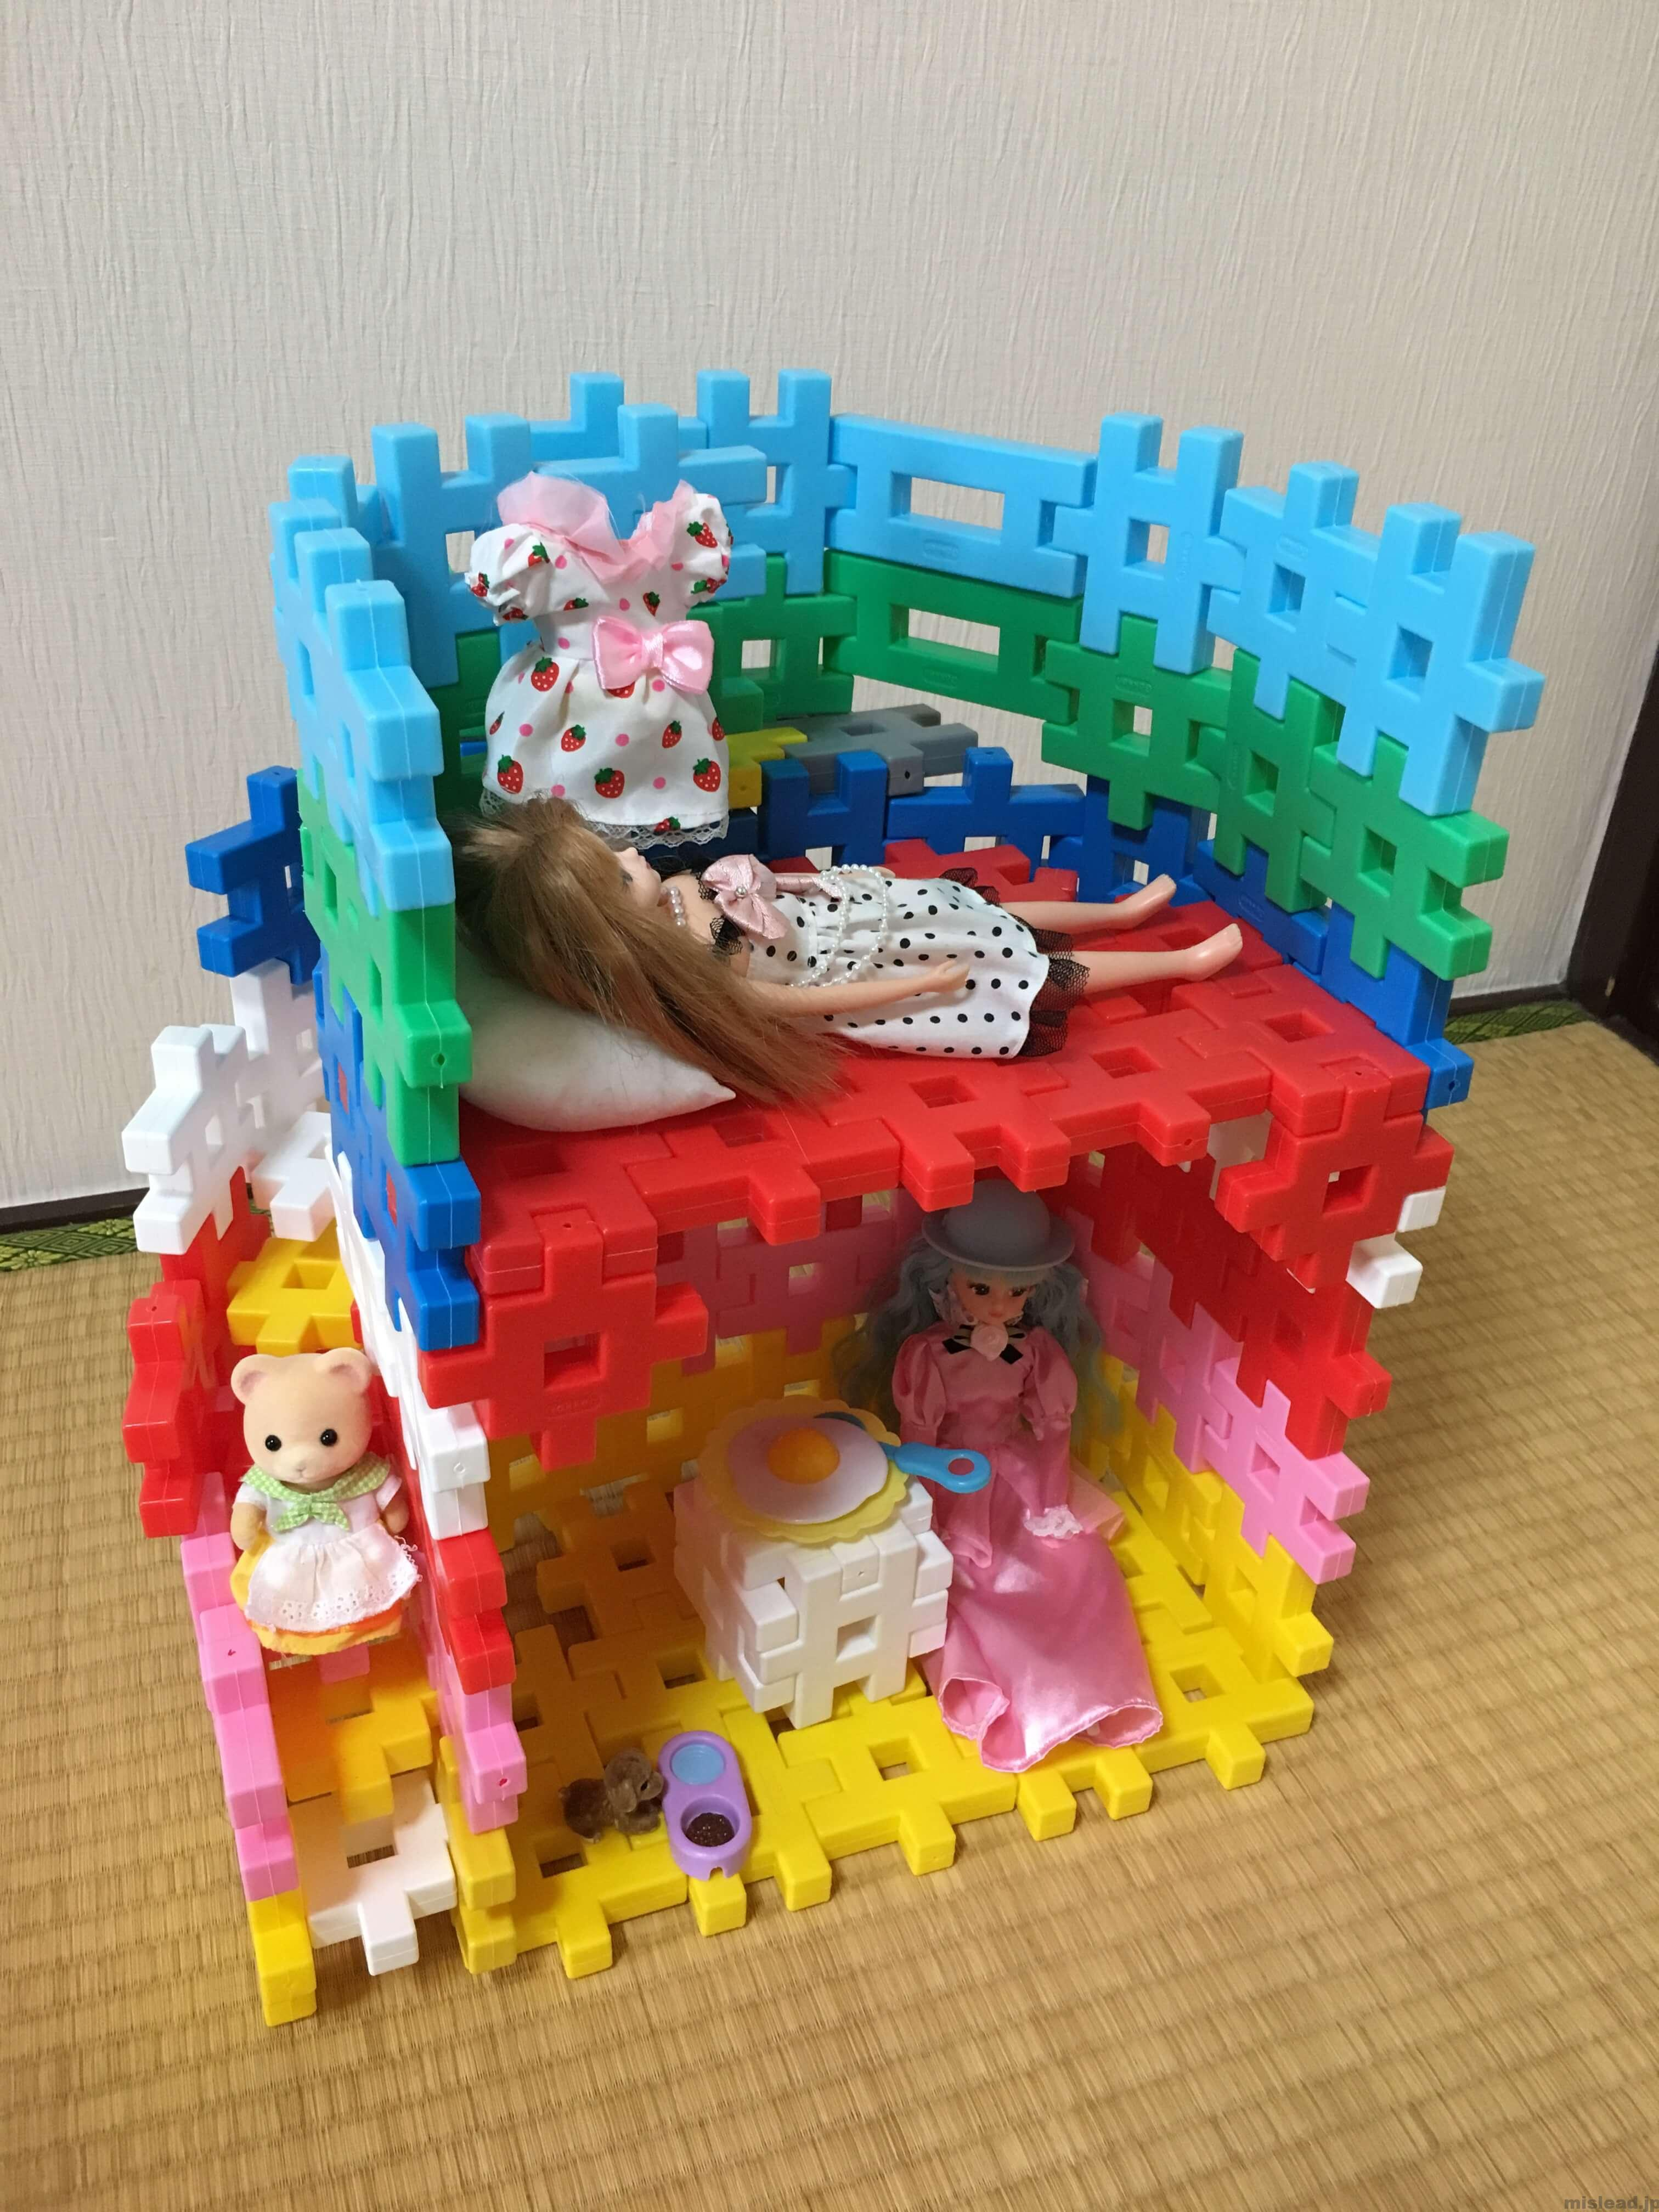 リカちゃんハウス人形入れた状態 ニューブロック